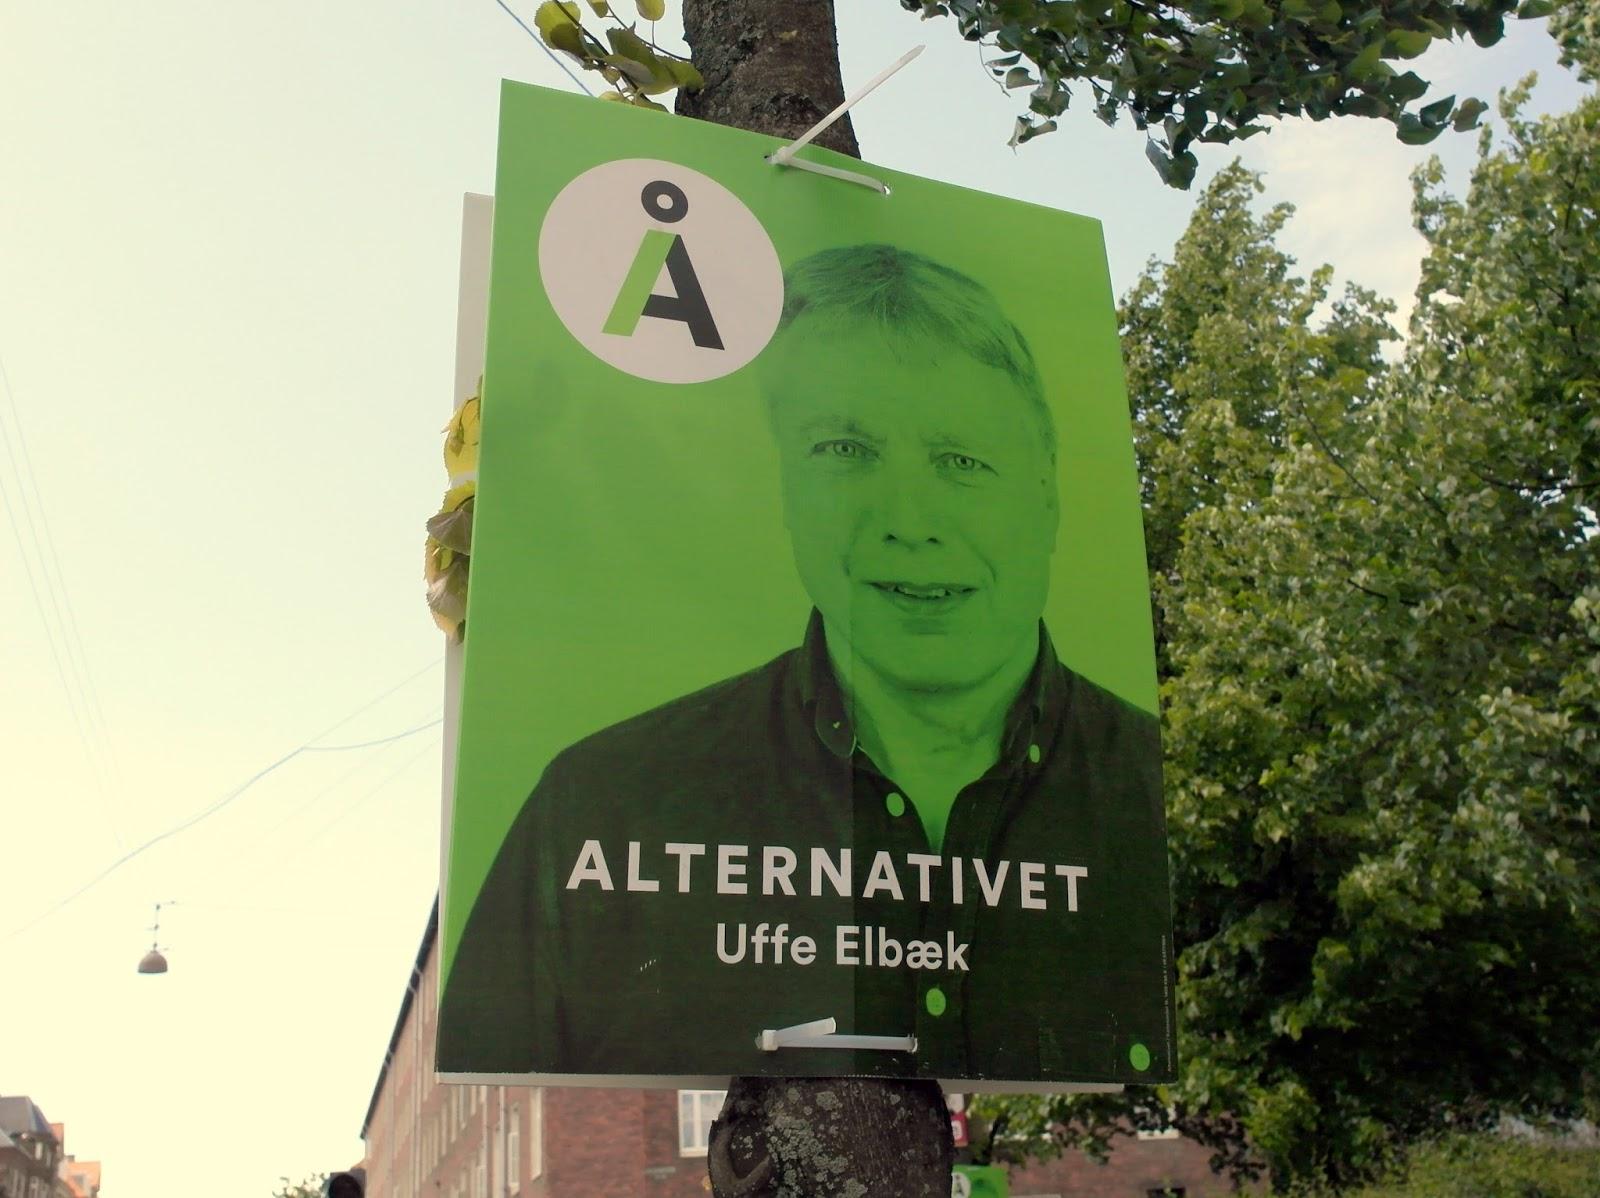 alternativet valgplakat